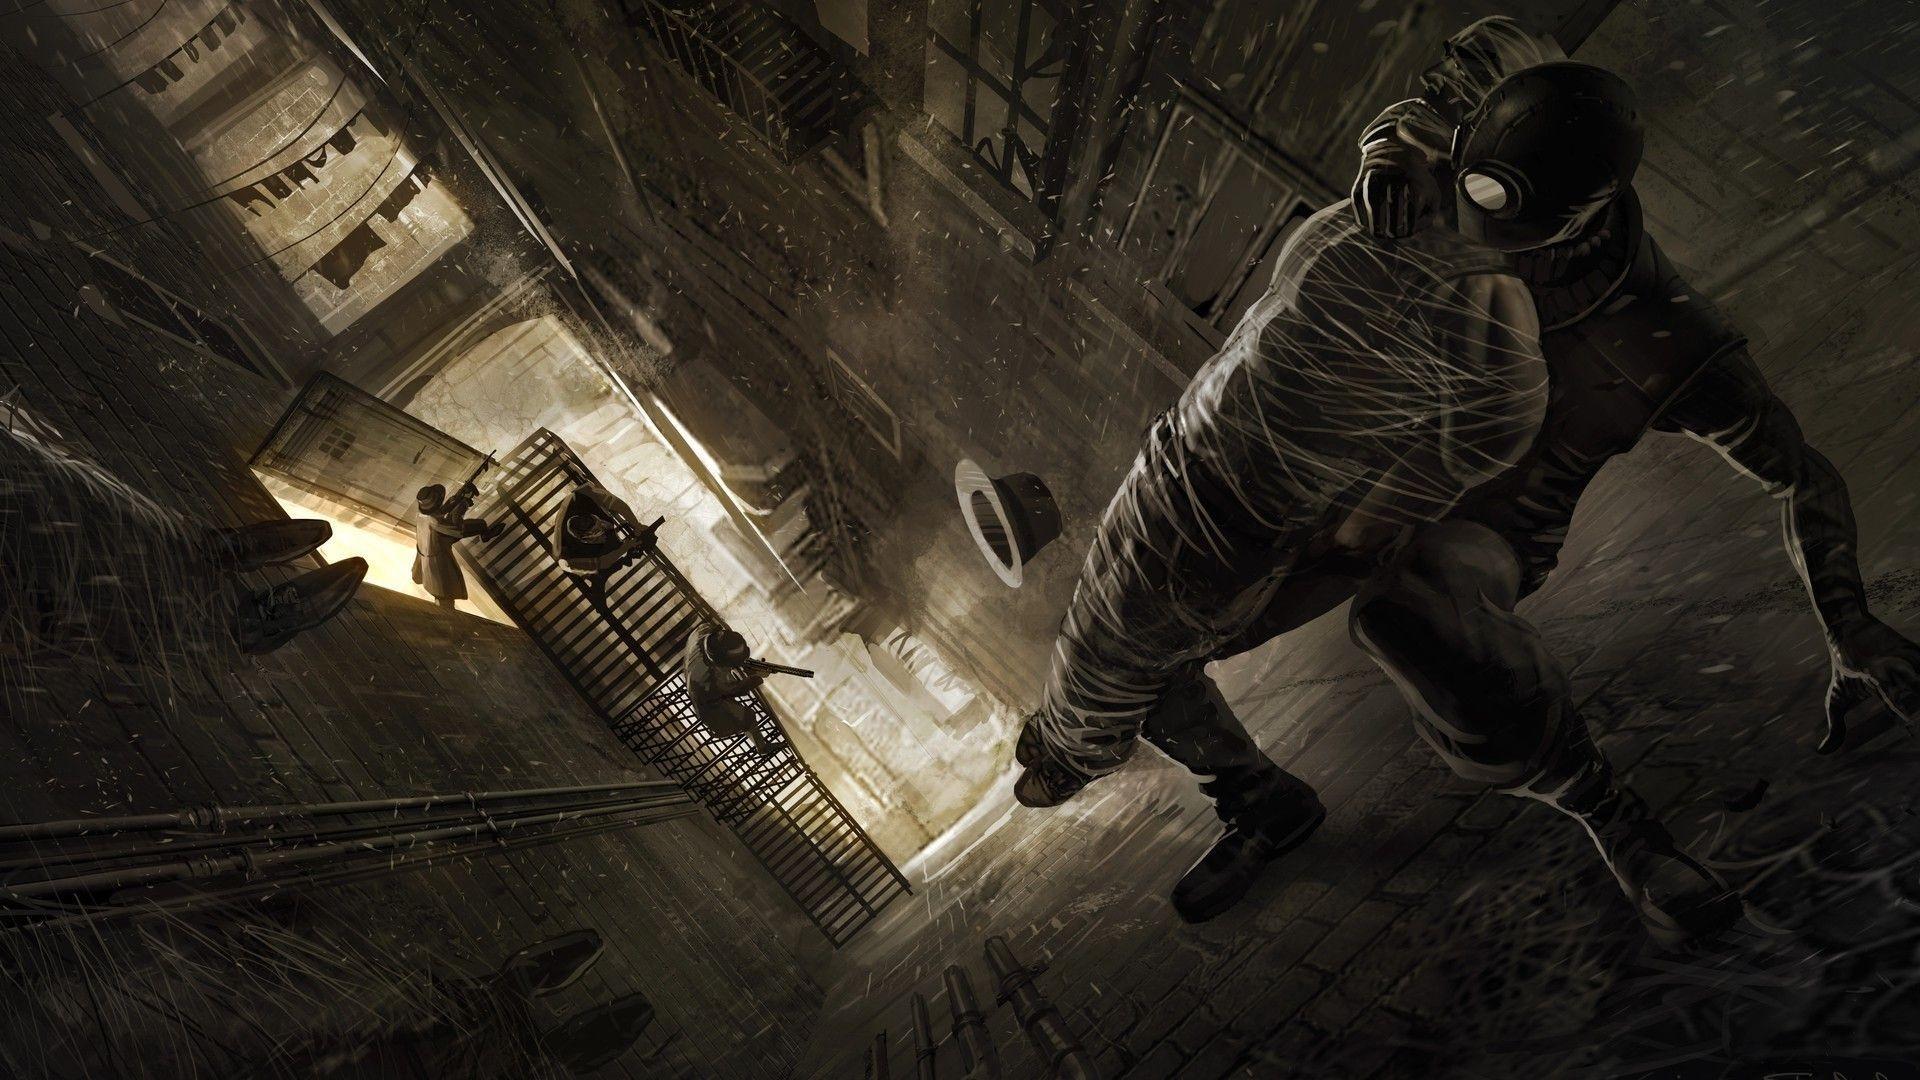 spider man noir wallpaper 69 images. Black Bedroom Furniture Sets. Home Design Ideas